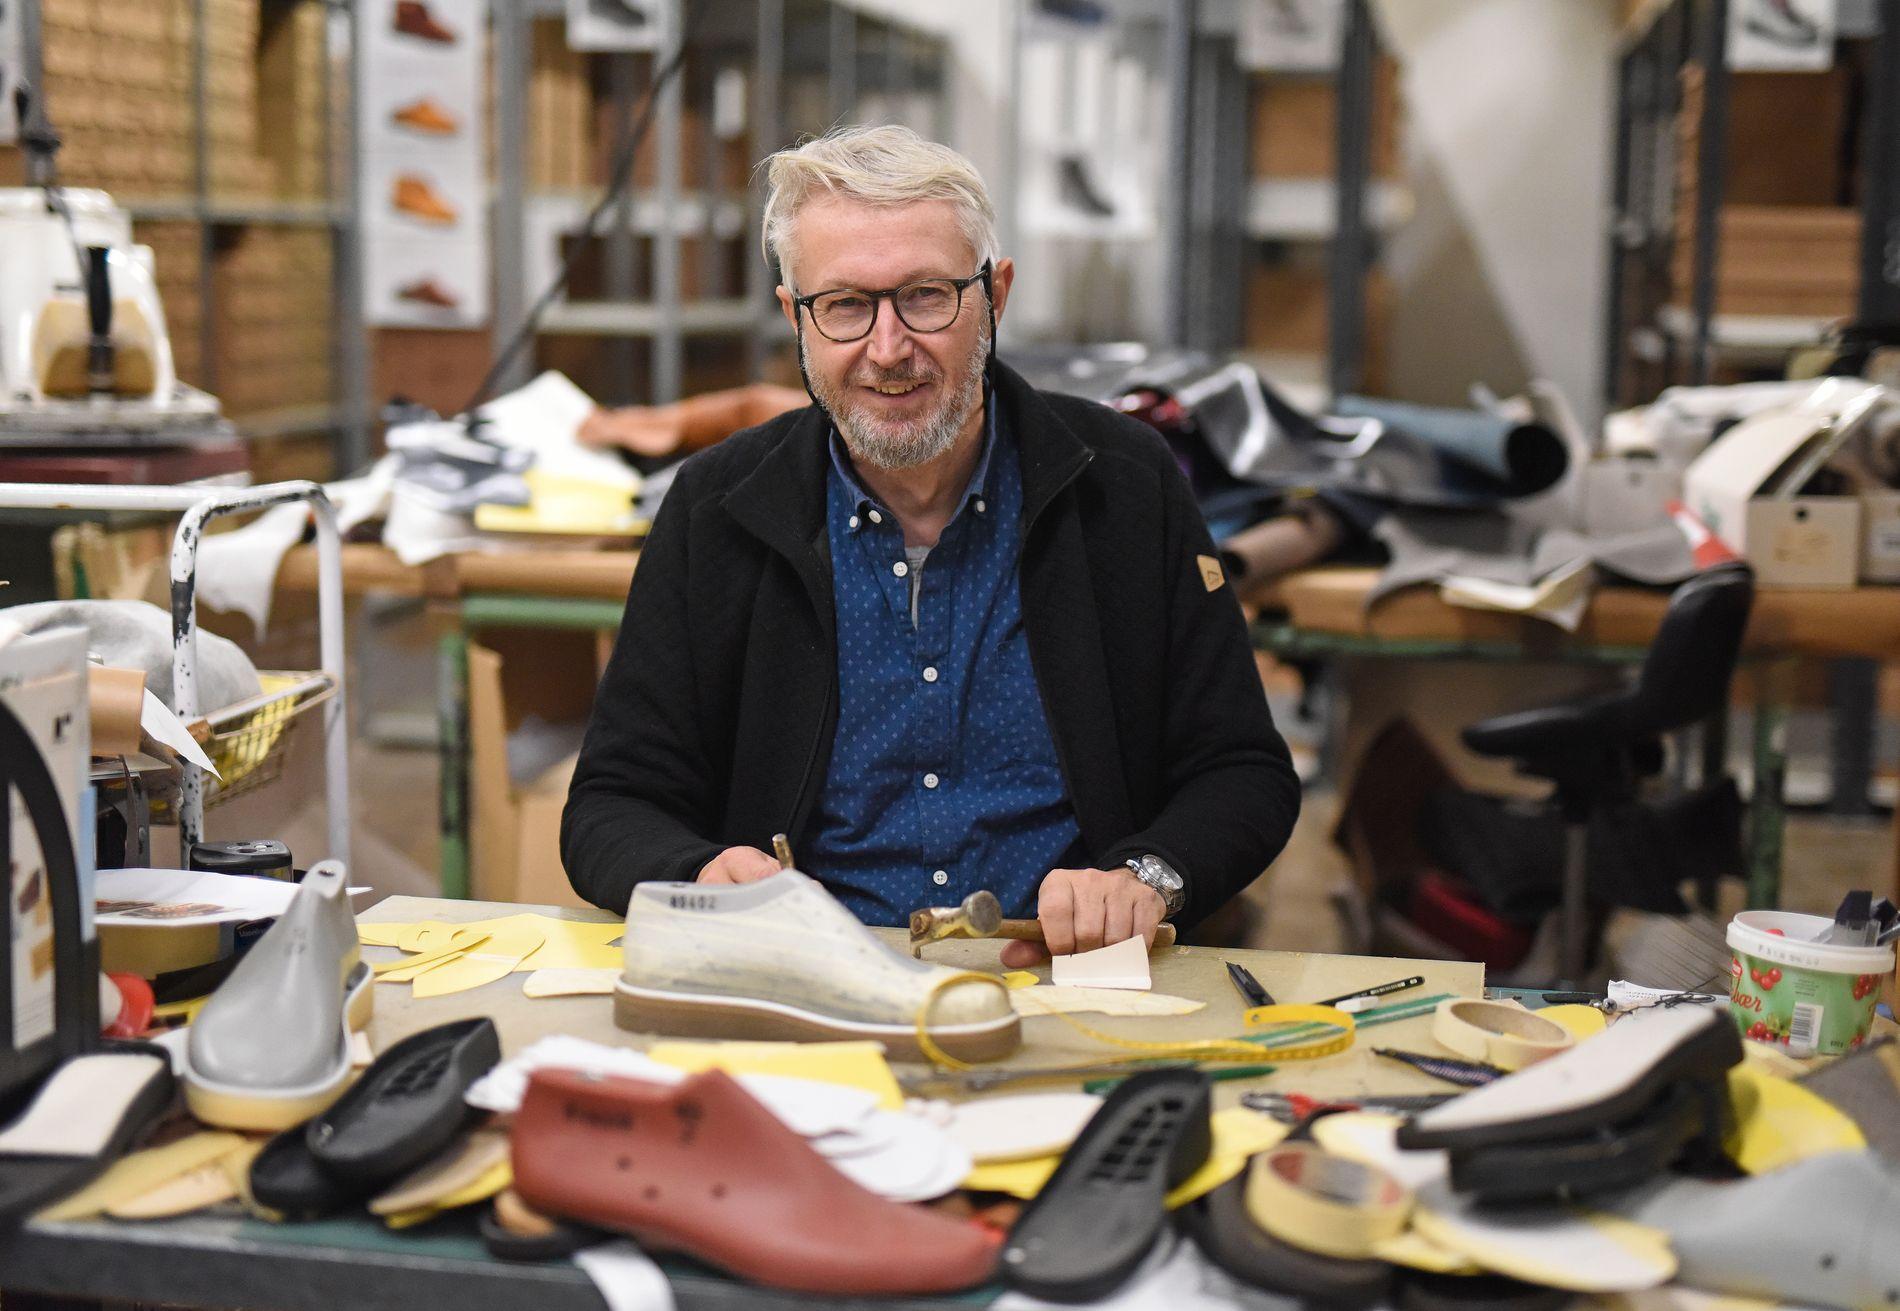 HÅNDVERK: Helge Reigstad er utdannet ortopeditekniker, og bruker av kunnskapene sine til å designe og lage prototyper av skoene.